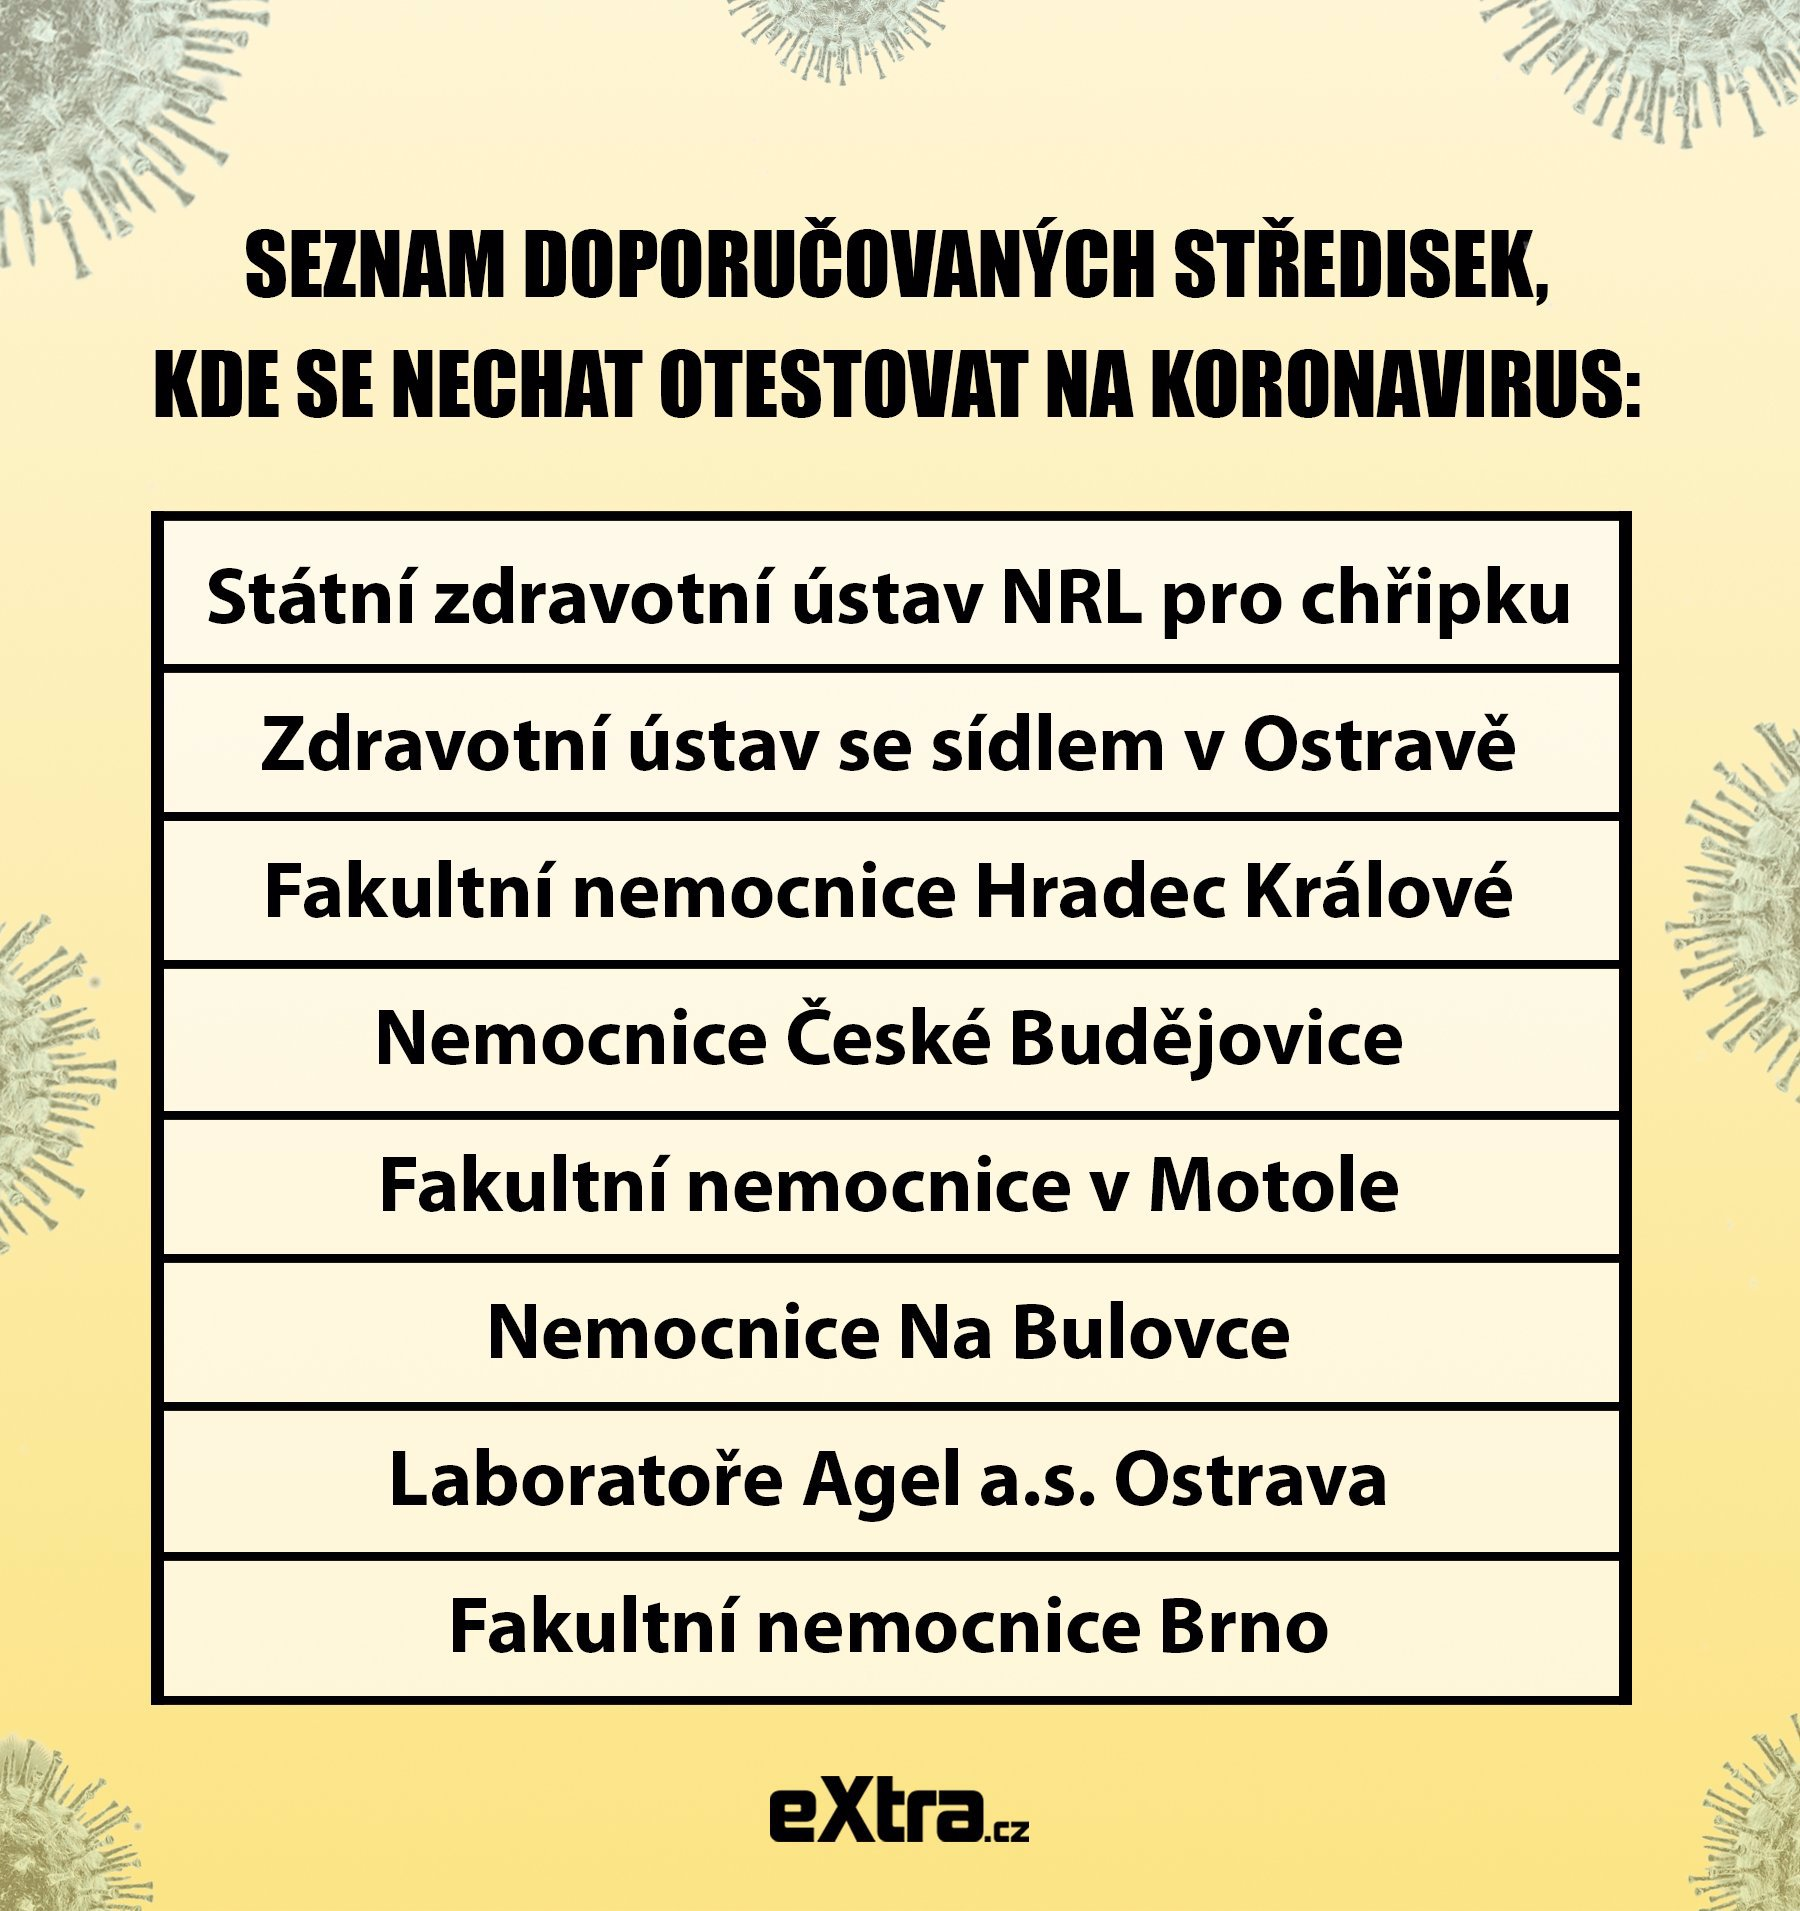 Nákaza strmě roste: Česko má už 141 pacientů s koronavirem, exkluzivně promluvil Roman Prymula